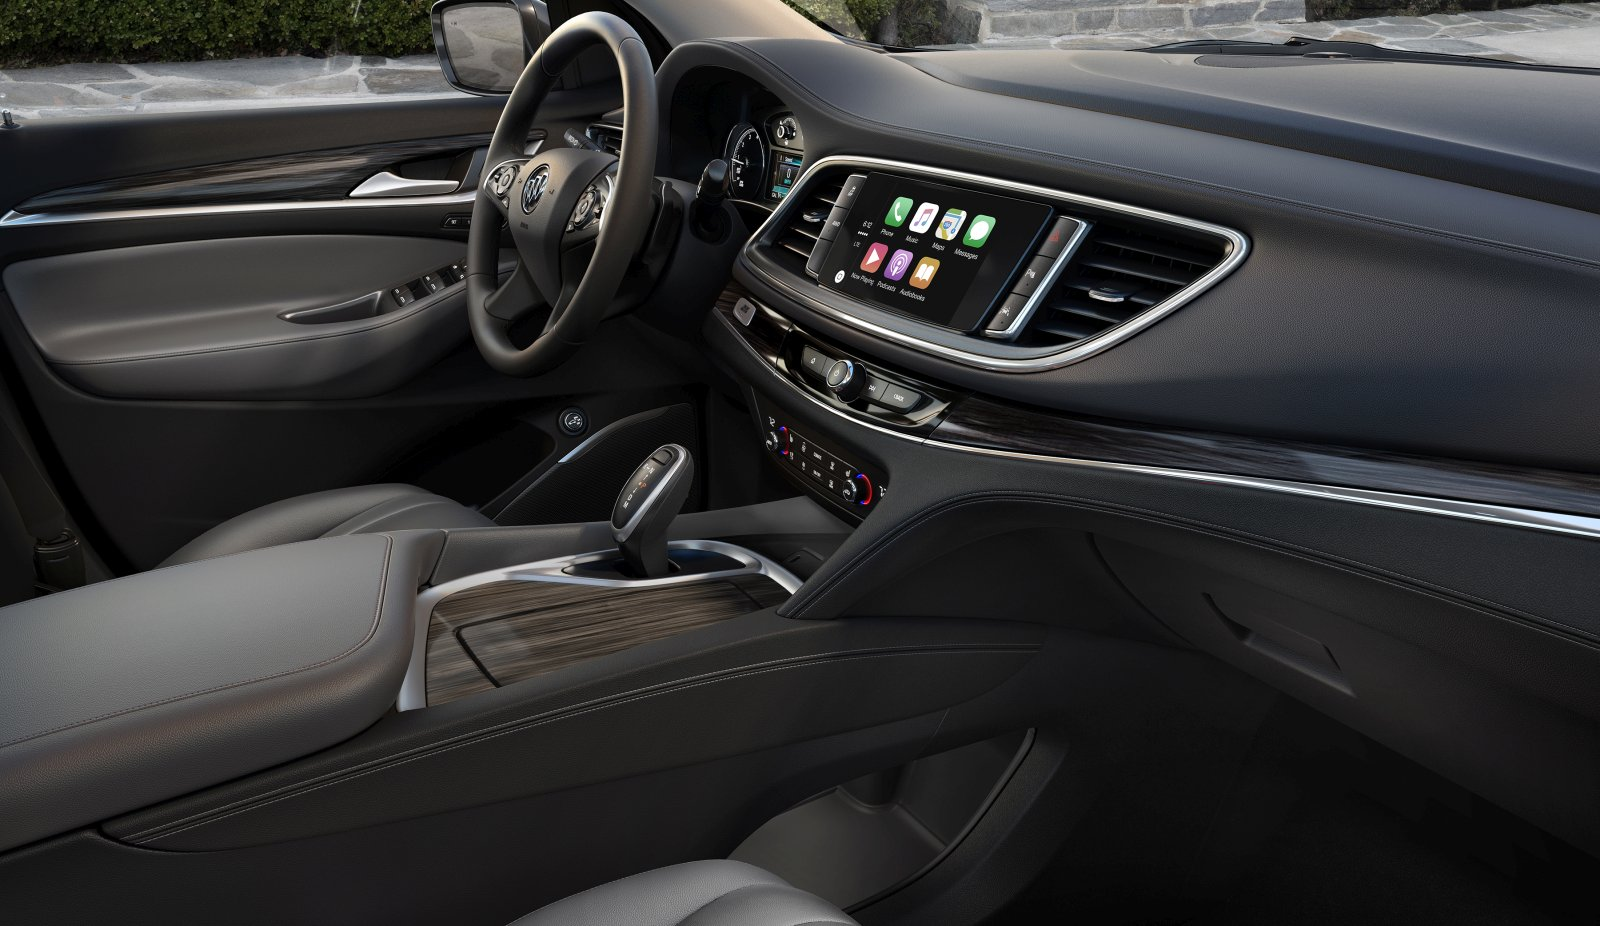 Opel grandland x quasi enth llt alles auto for Interior opel grandland x